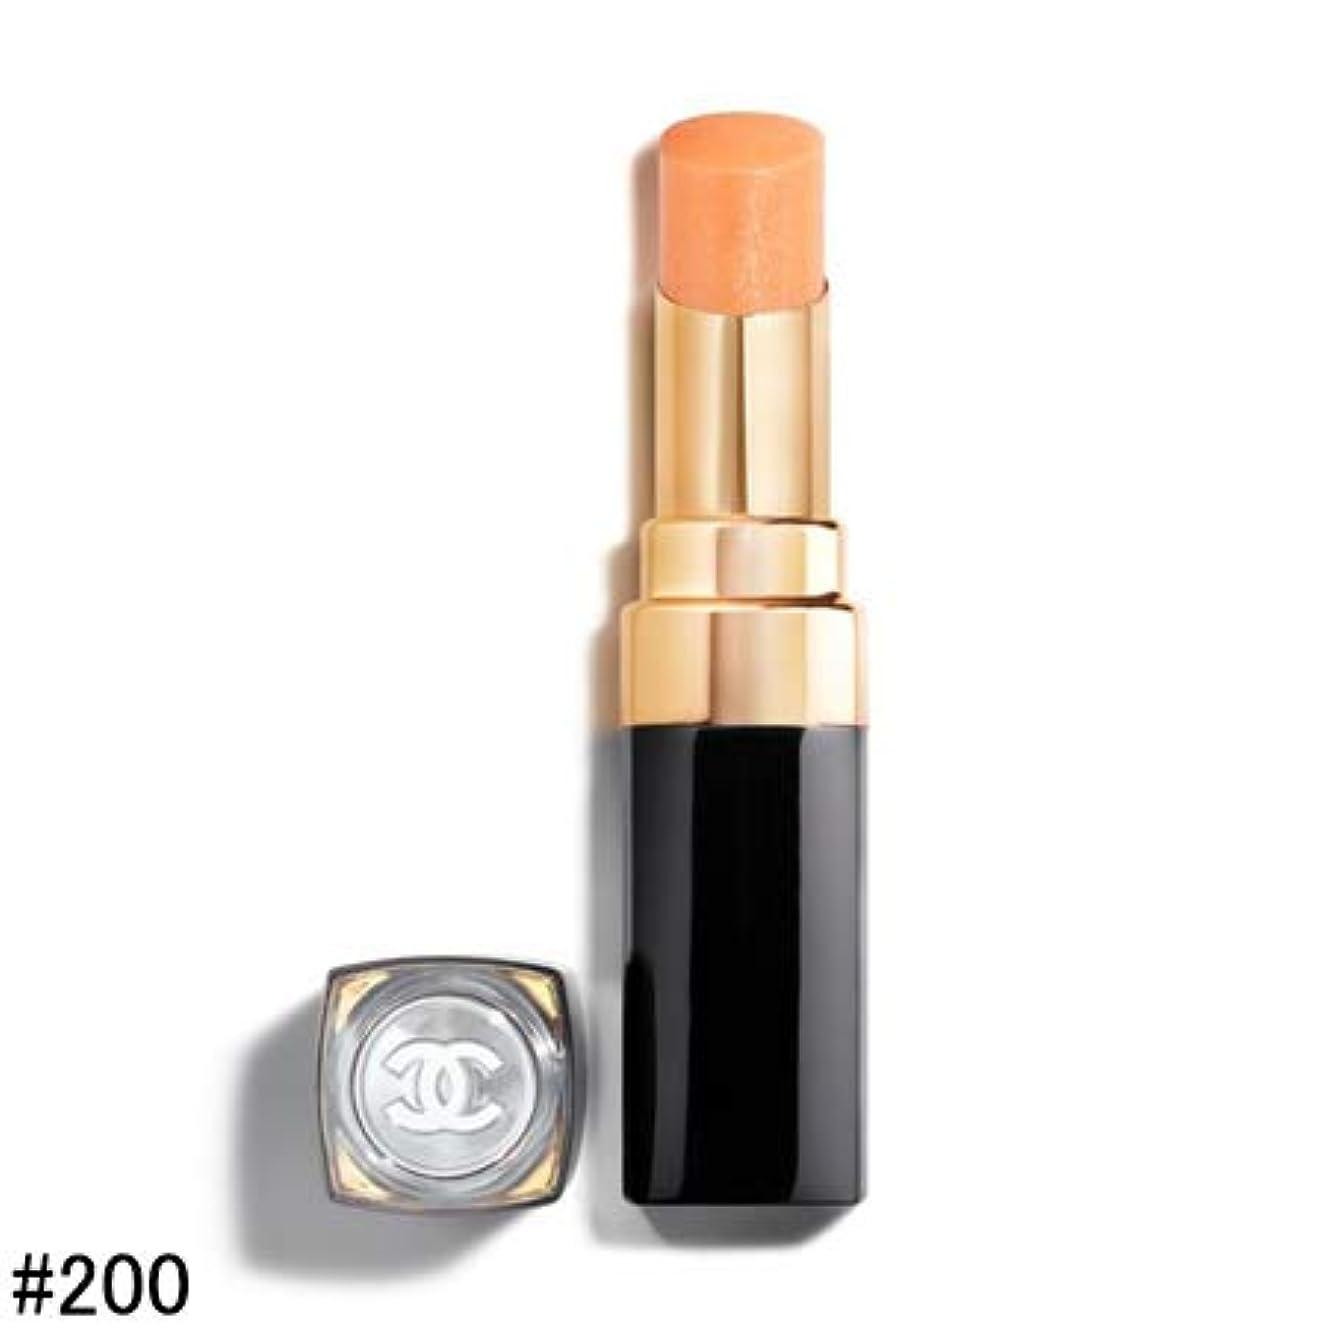 ギャラントリープレゼントオークションシャネル ルージュ ココ フラッシュ トップ コート #200 ライト アップ -CHANEL-